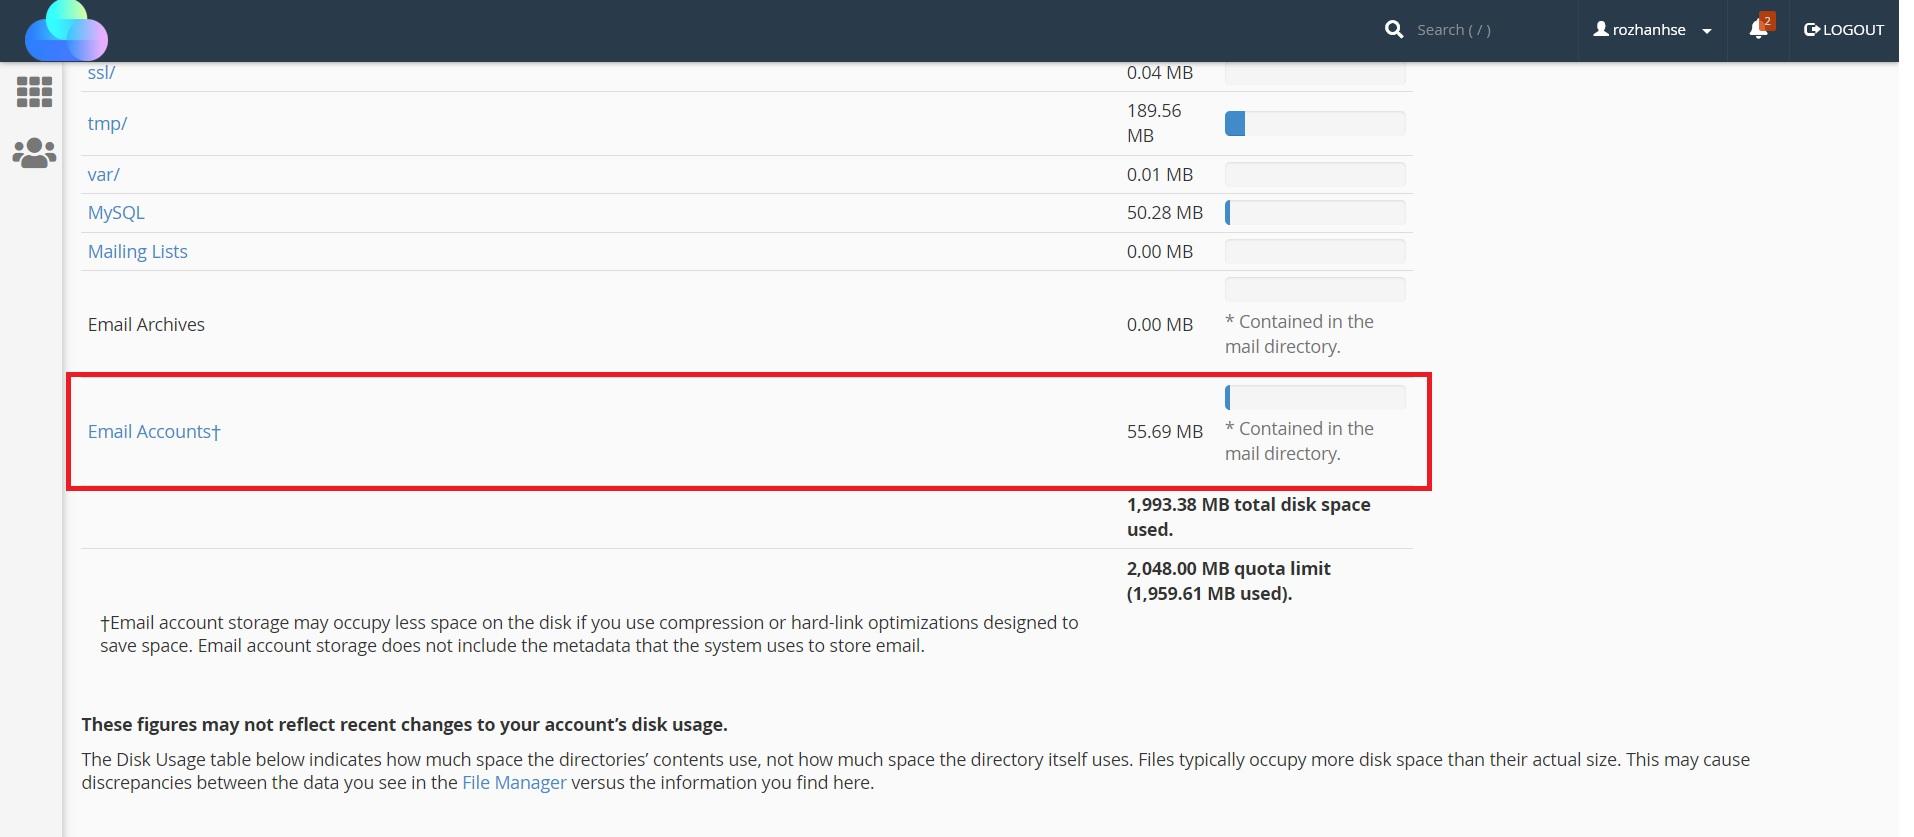 فایل های Email Accounts ابزار Disk Usage در سی پنل